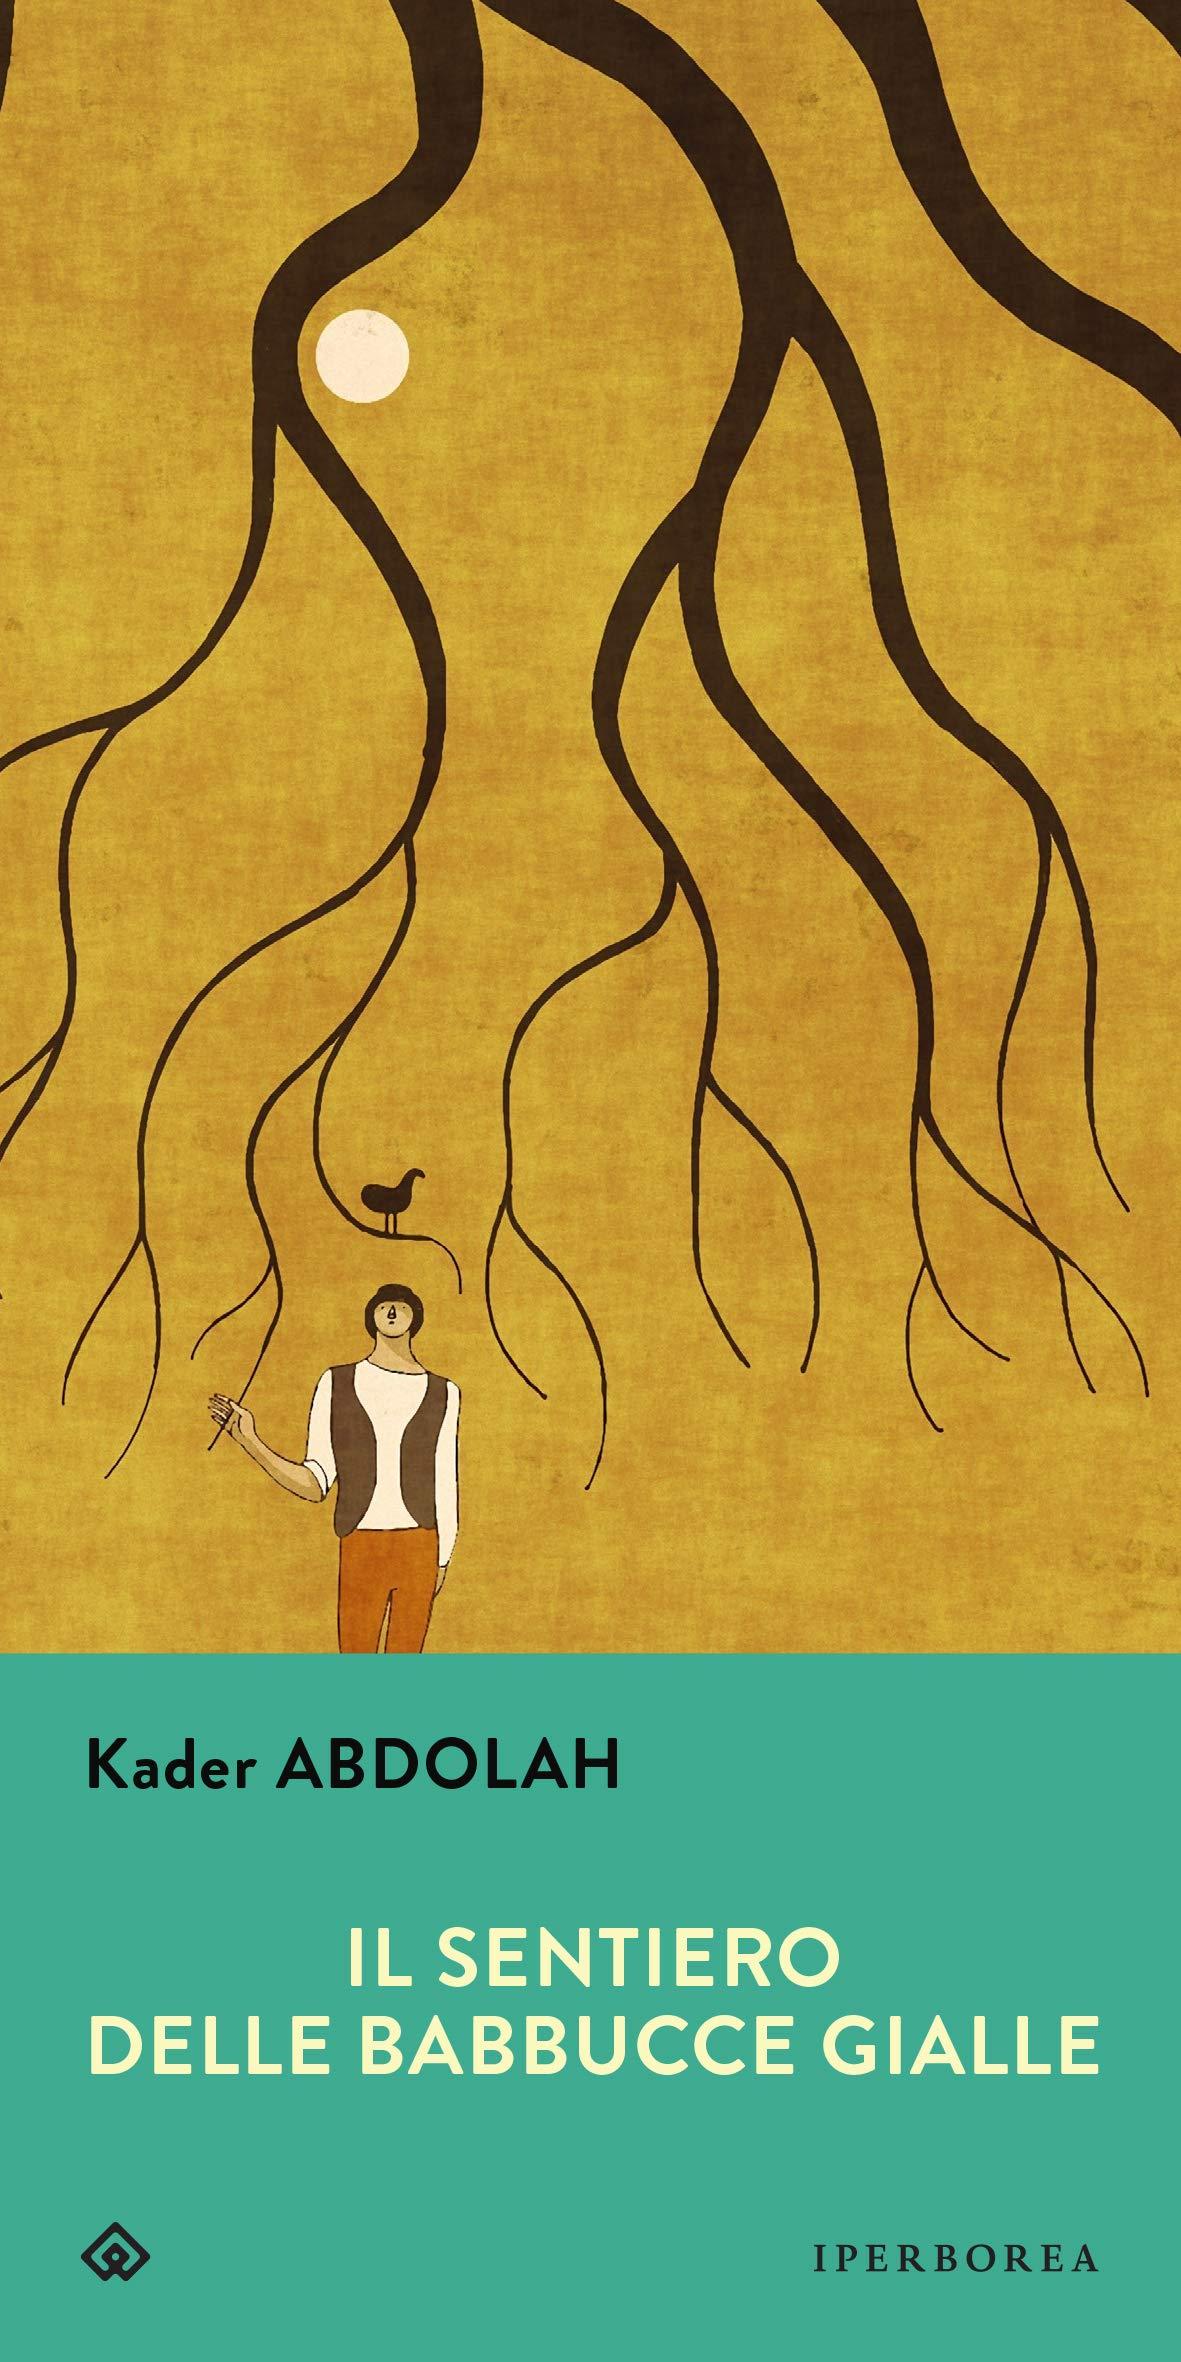 Il sentiero delle babbucce gialle - Kader Abdolah copertina